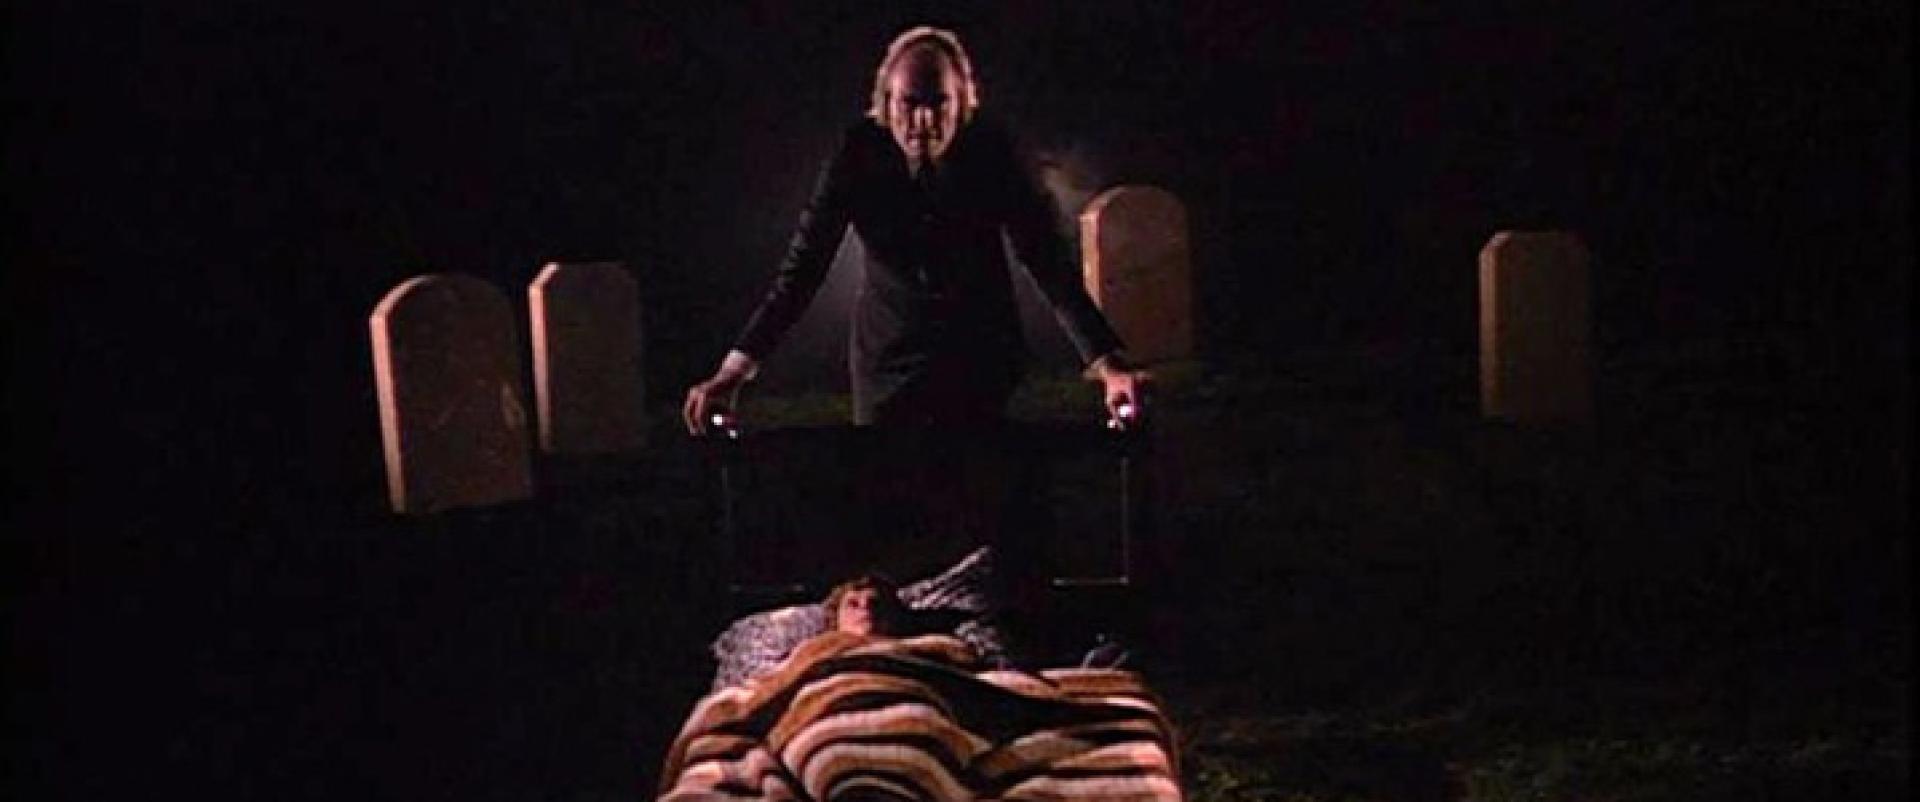 Phantasm - Fantazma (1979)